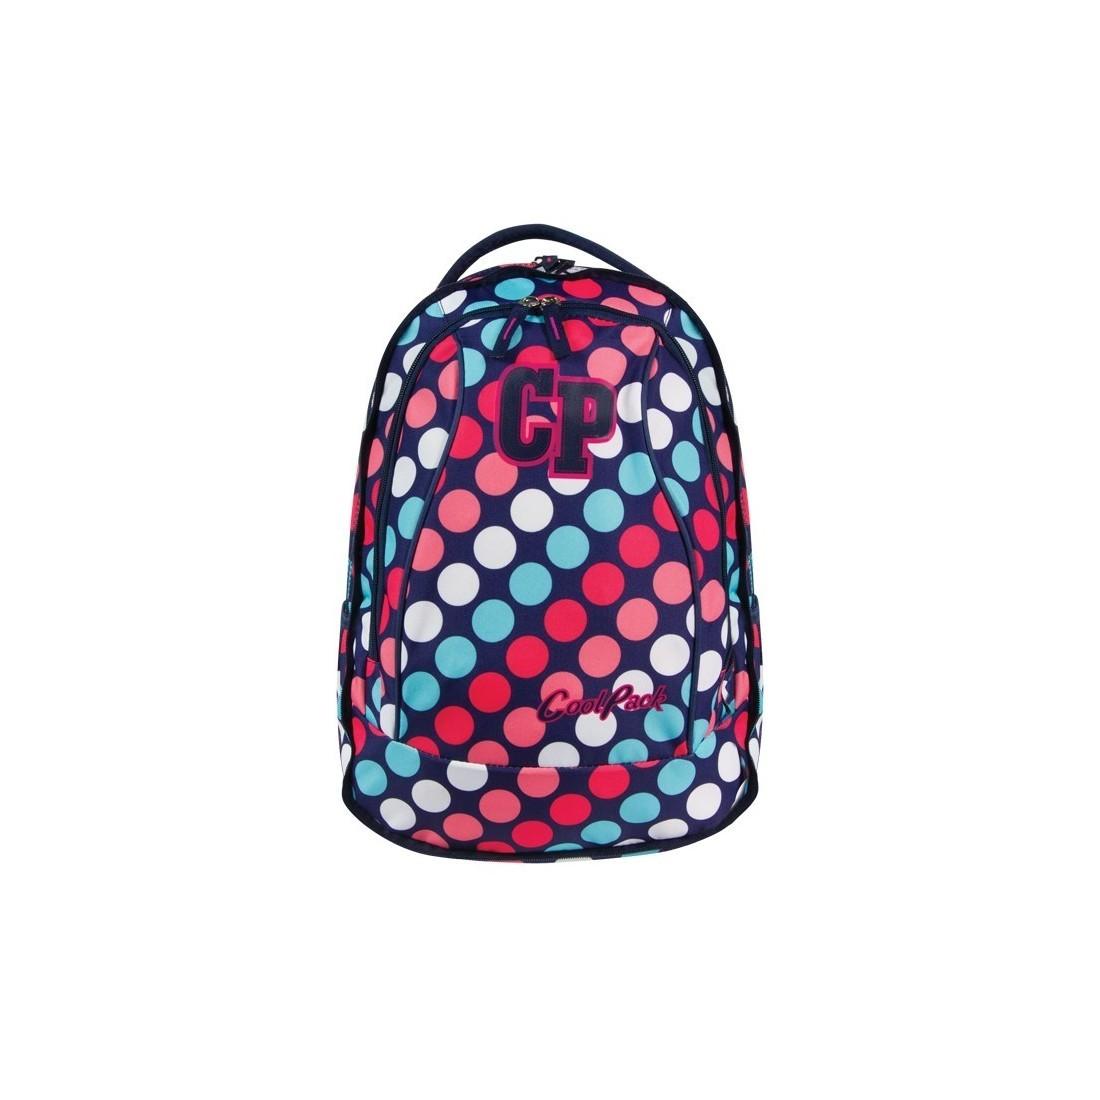 PLECAK COOLPACK MŁODZIEŻOWY 2w1 COMBO DOTS CP 031 Kolorowe Kropki - plecak-tornister.pl